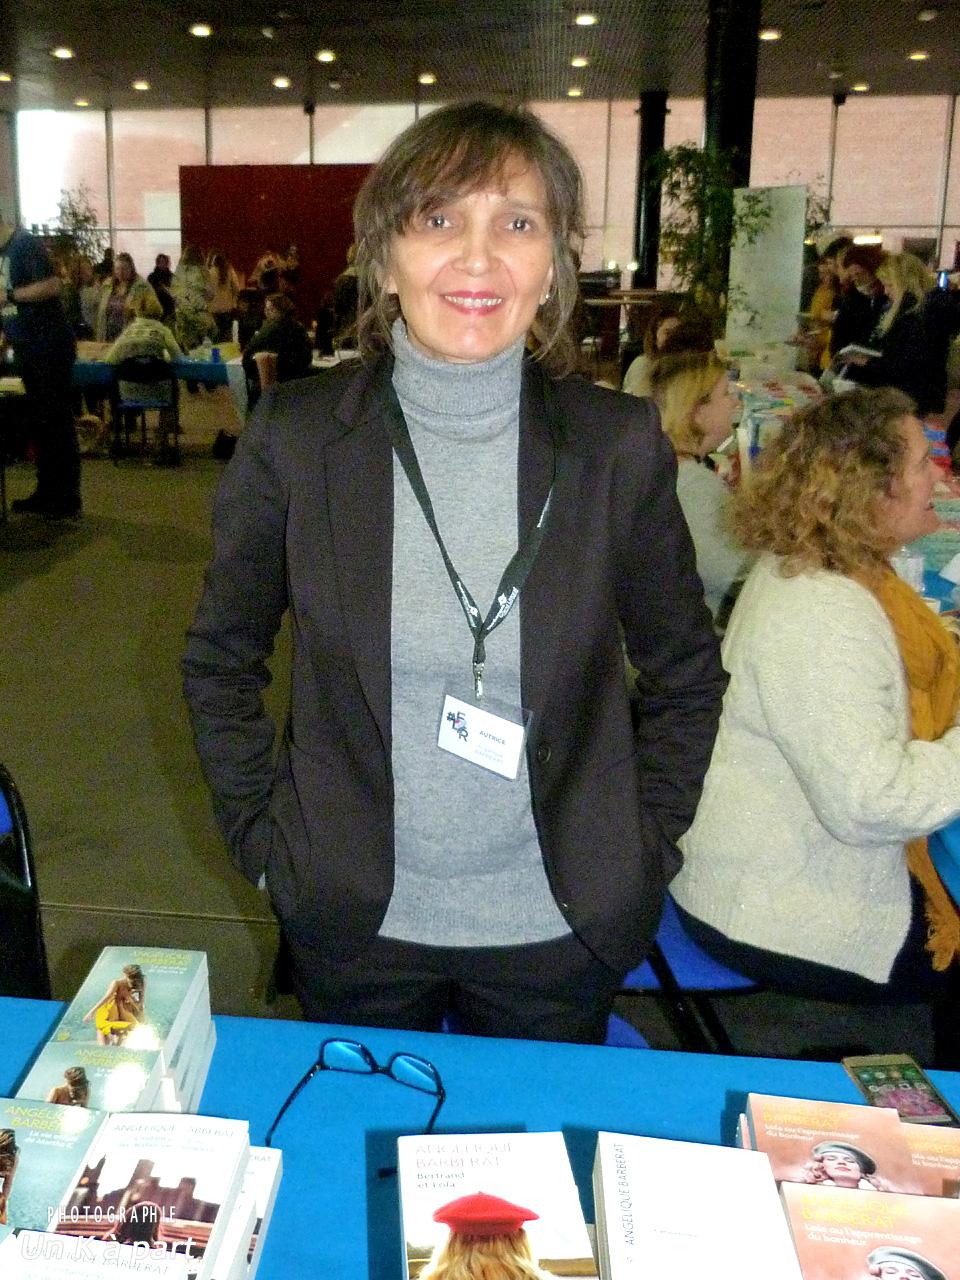 Festival du livre romantique Angélique Barbérat